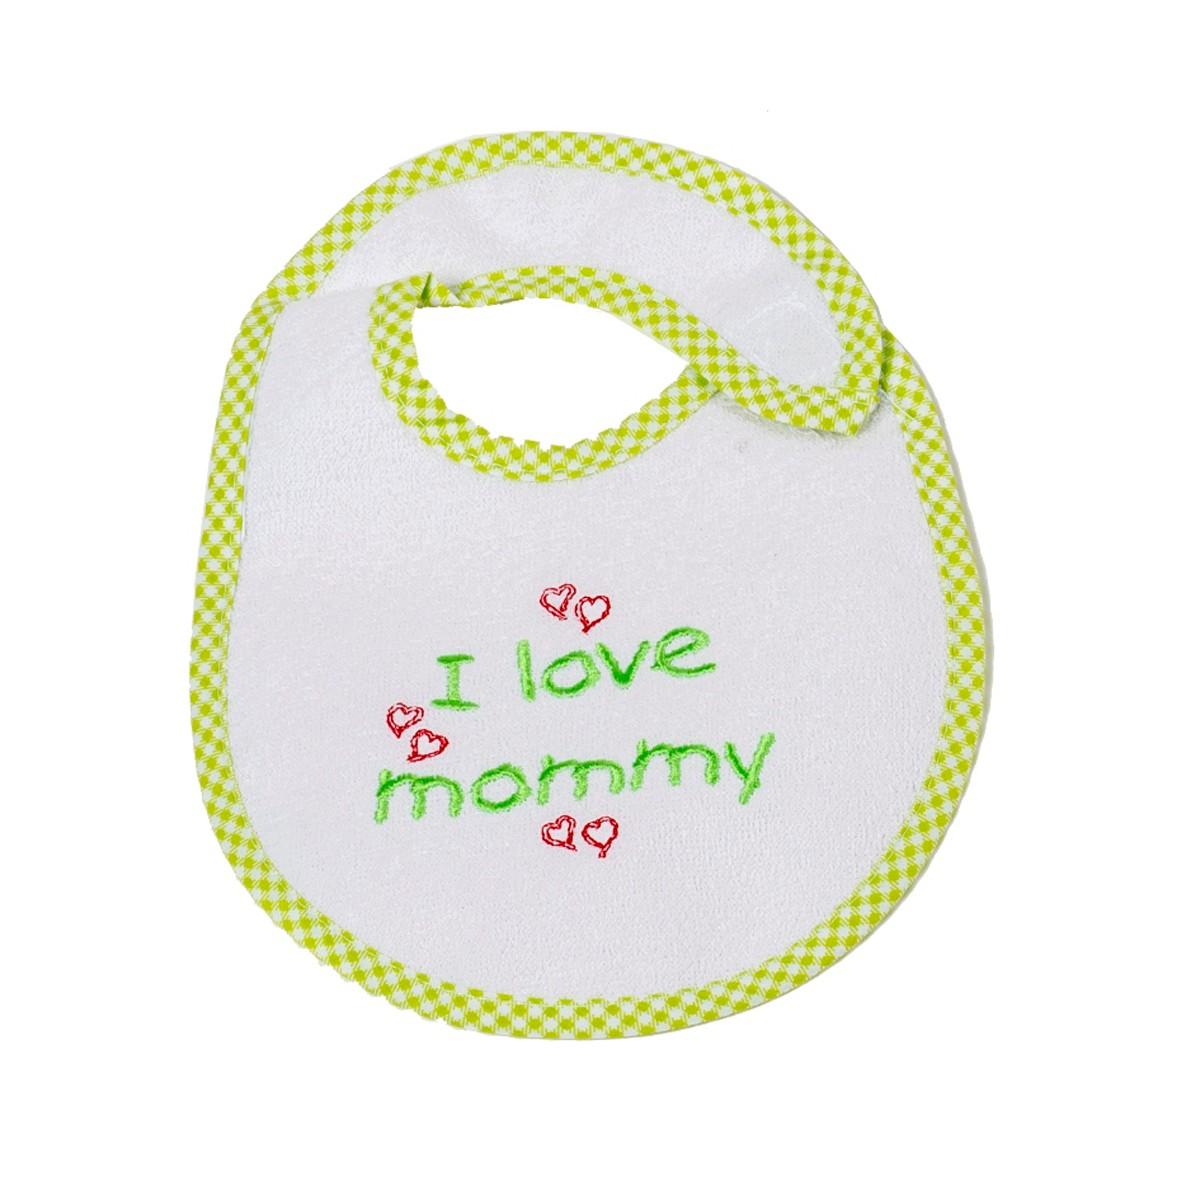 Σαλιάρα Μικρή Κόσμος Του Μωρού Mommy 0606 Λαχανί